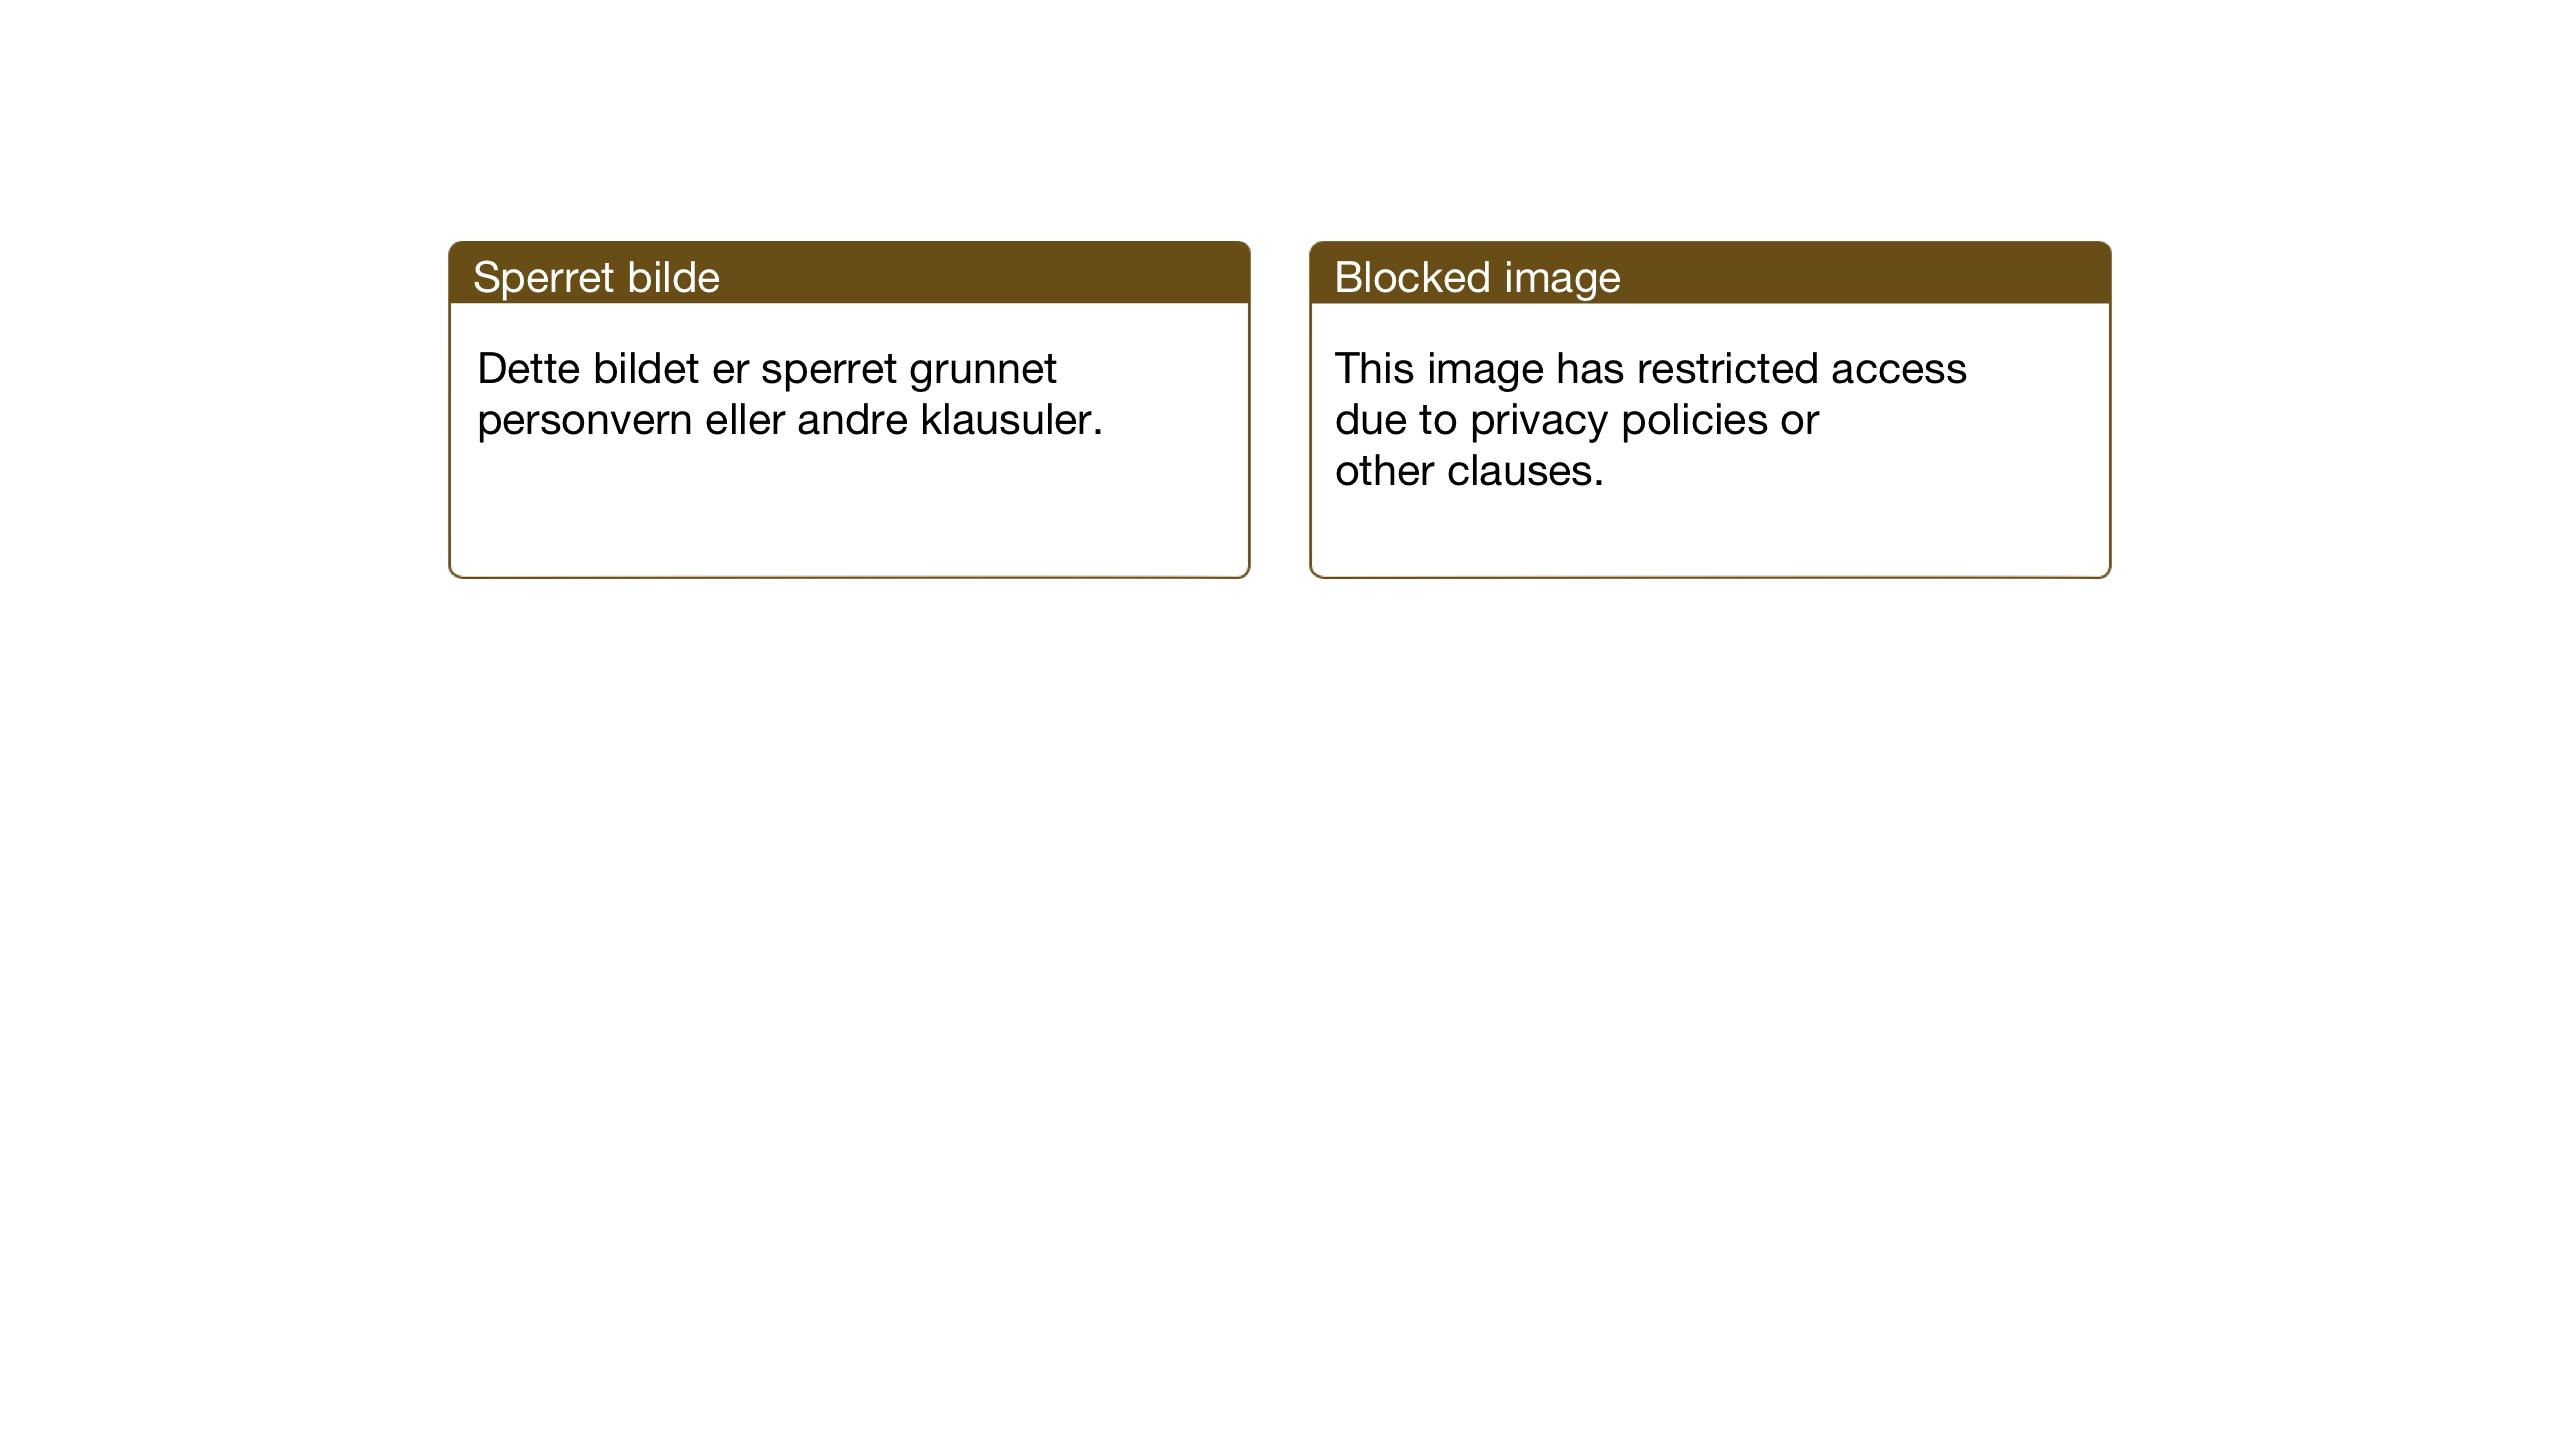 SAT, Ministerialprotokoller, klokkerbøker og fødselsregistre - Sør-Trøndelag, 686/L0986: Klokkerbok nr. 686C02, 1933-1950, s. 181